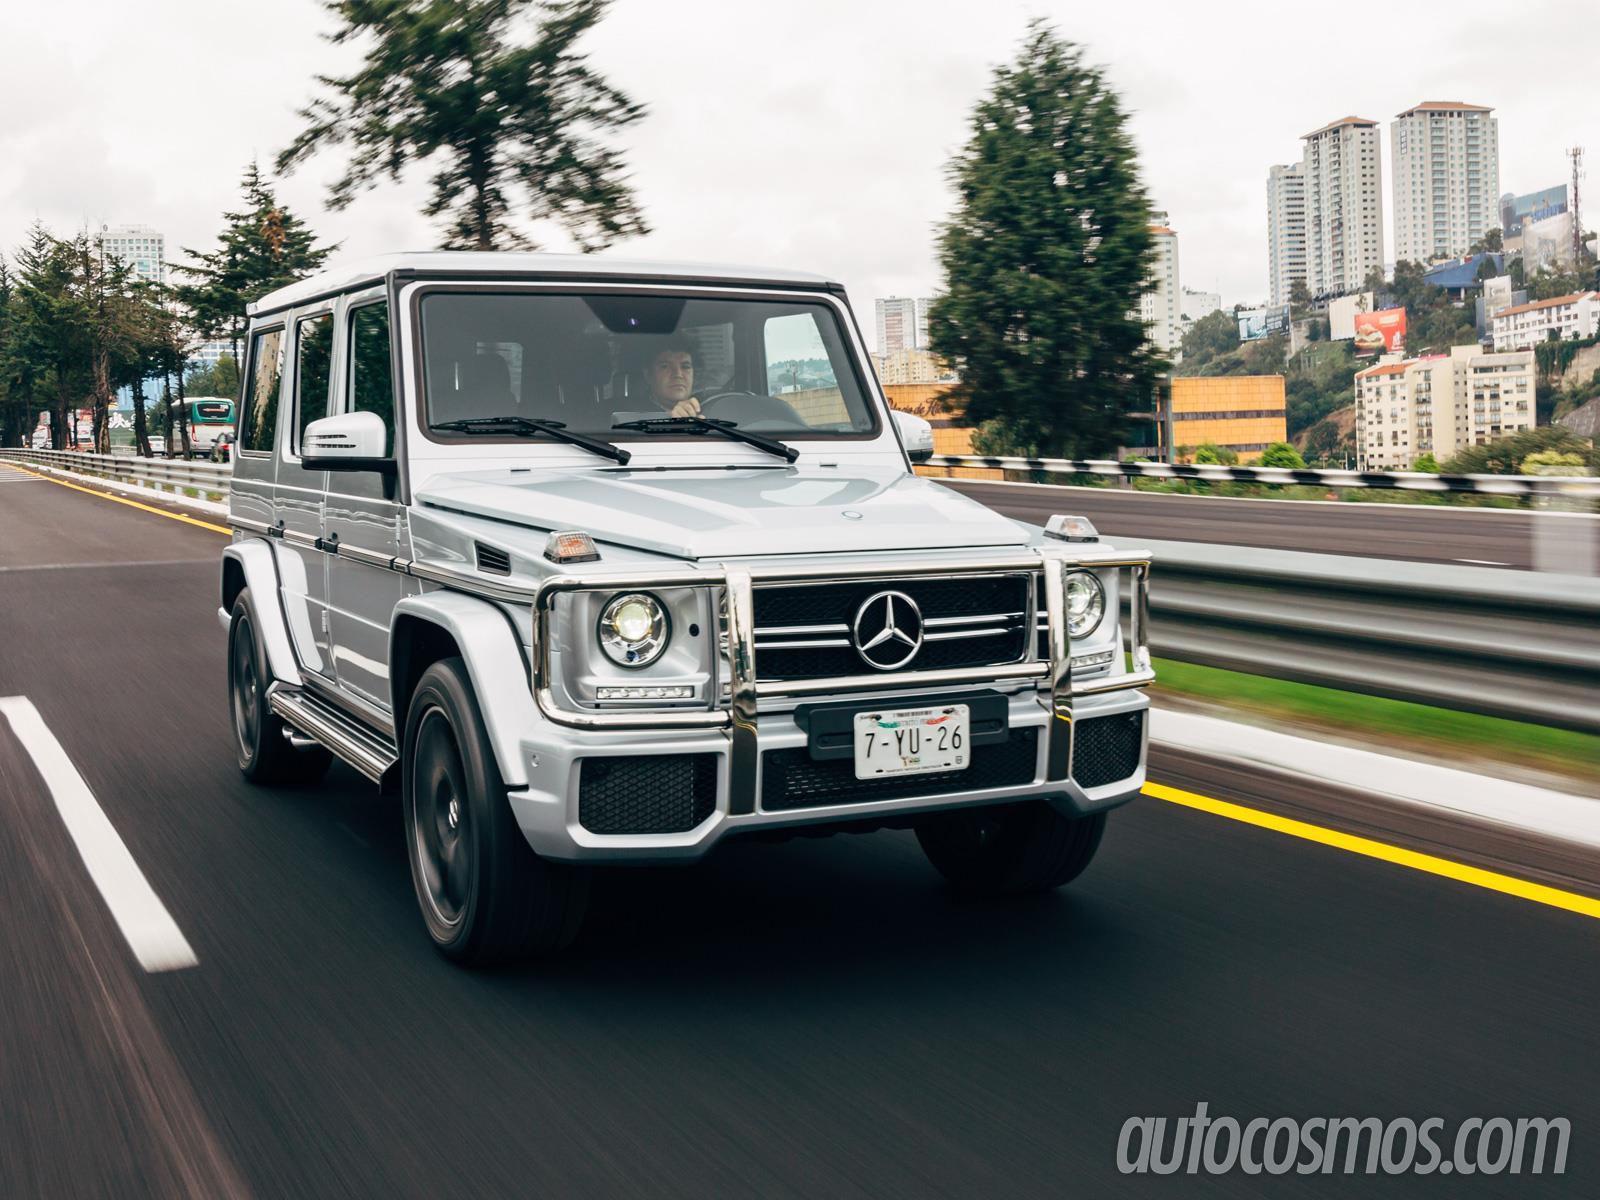 Mercedes Benz G63 Amg 2014 A Prueba Autocosmos Com